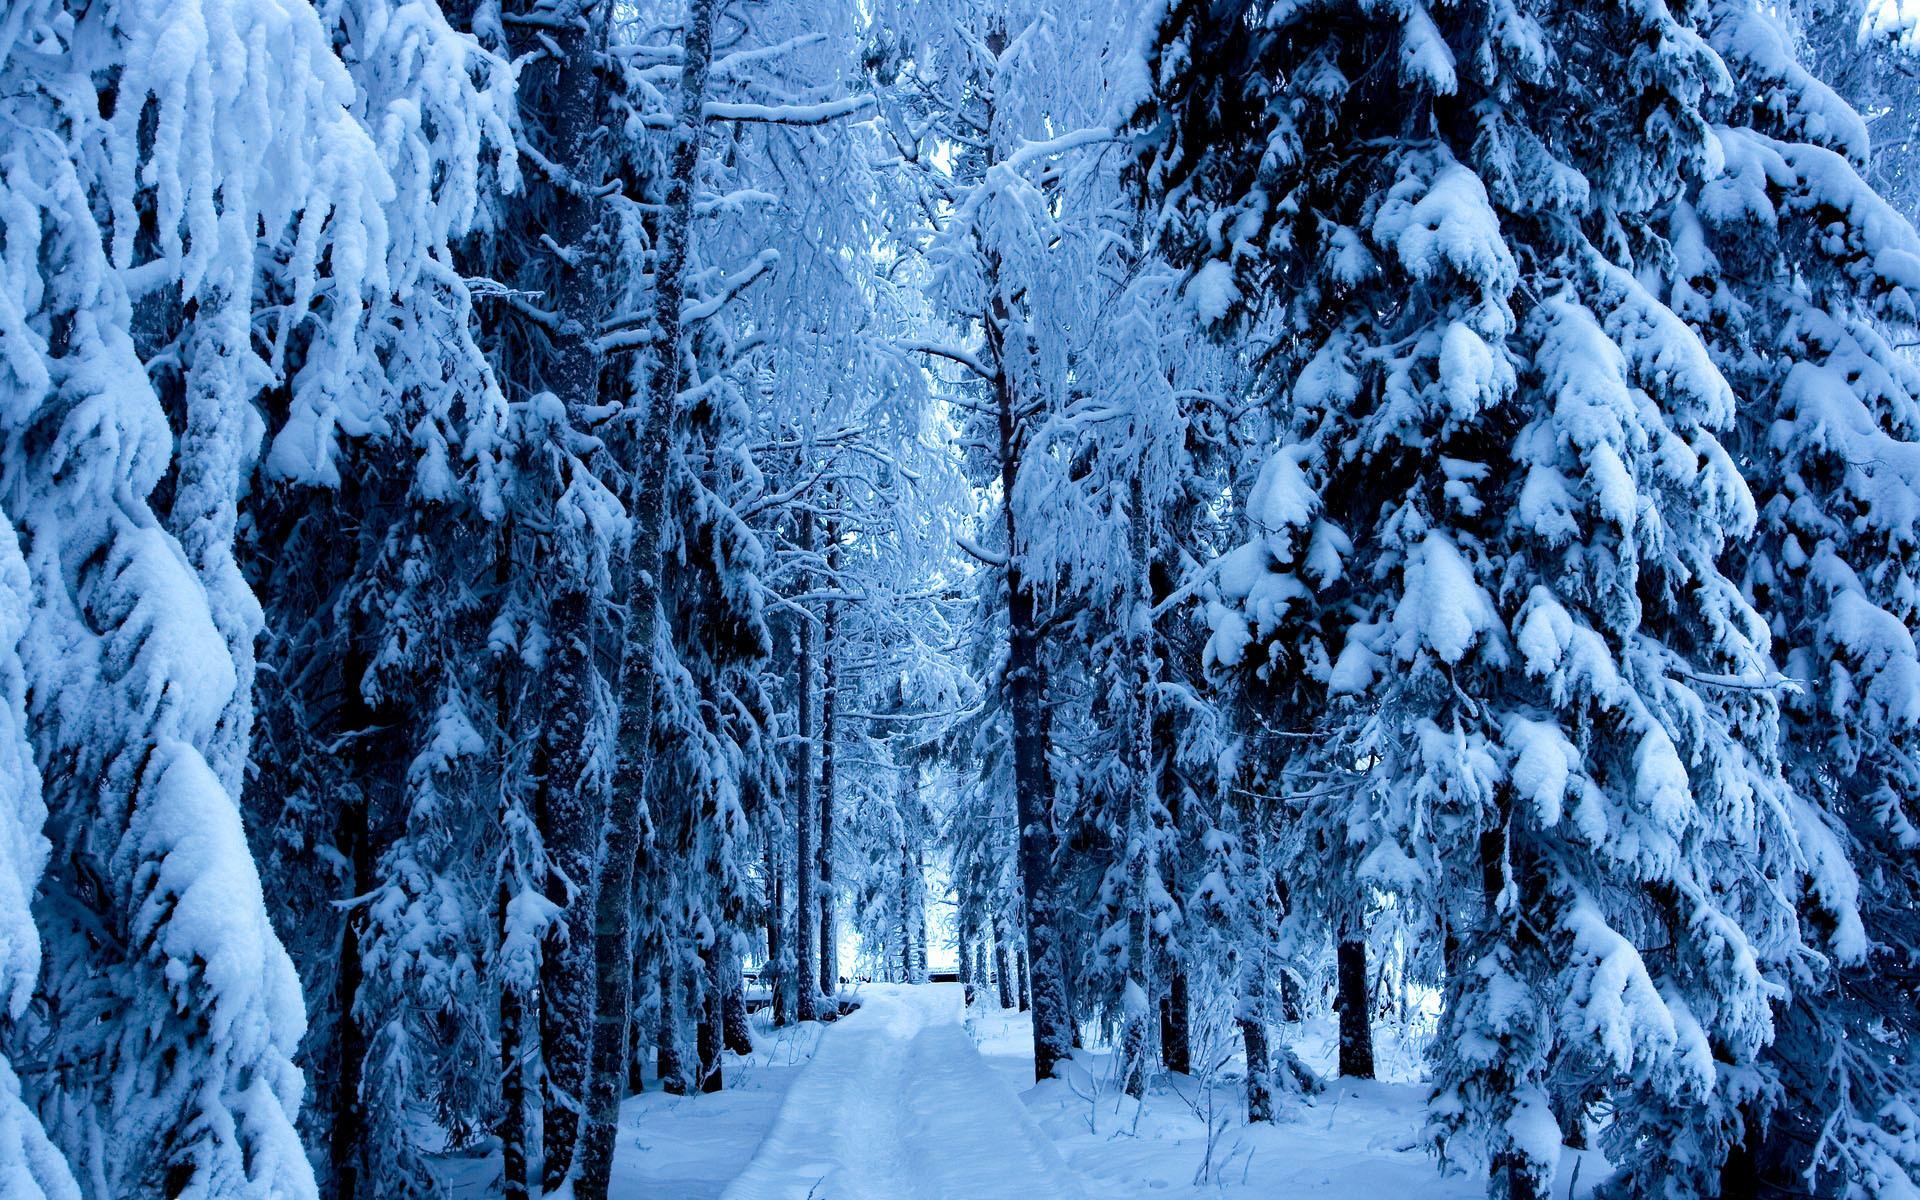 хоть большой, фото зима лес природа твой день